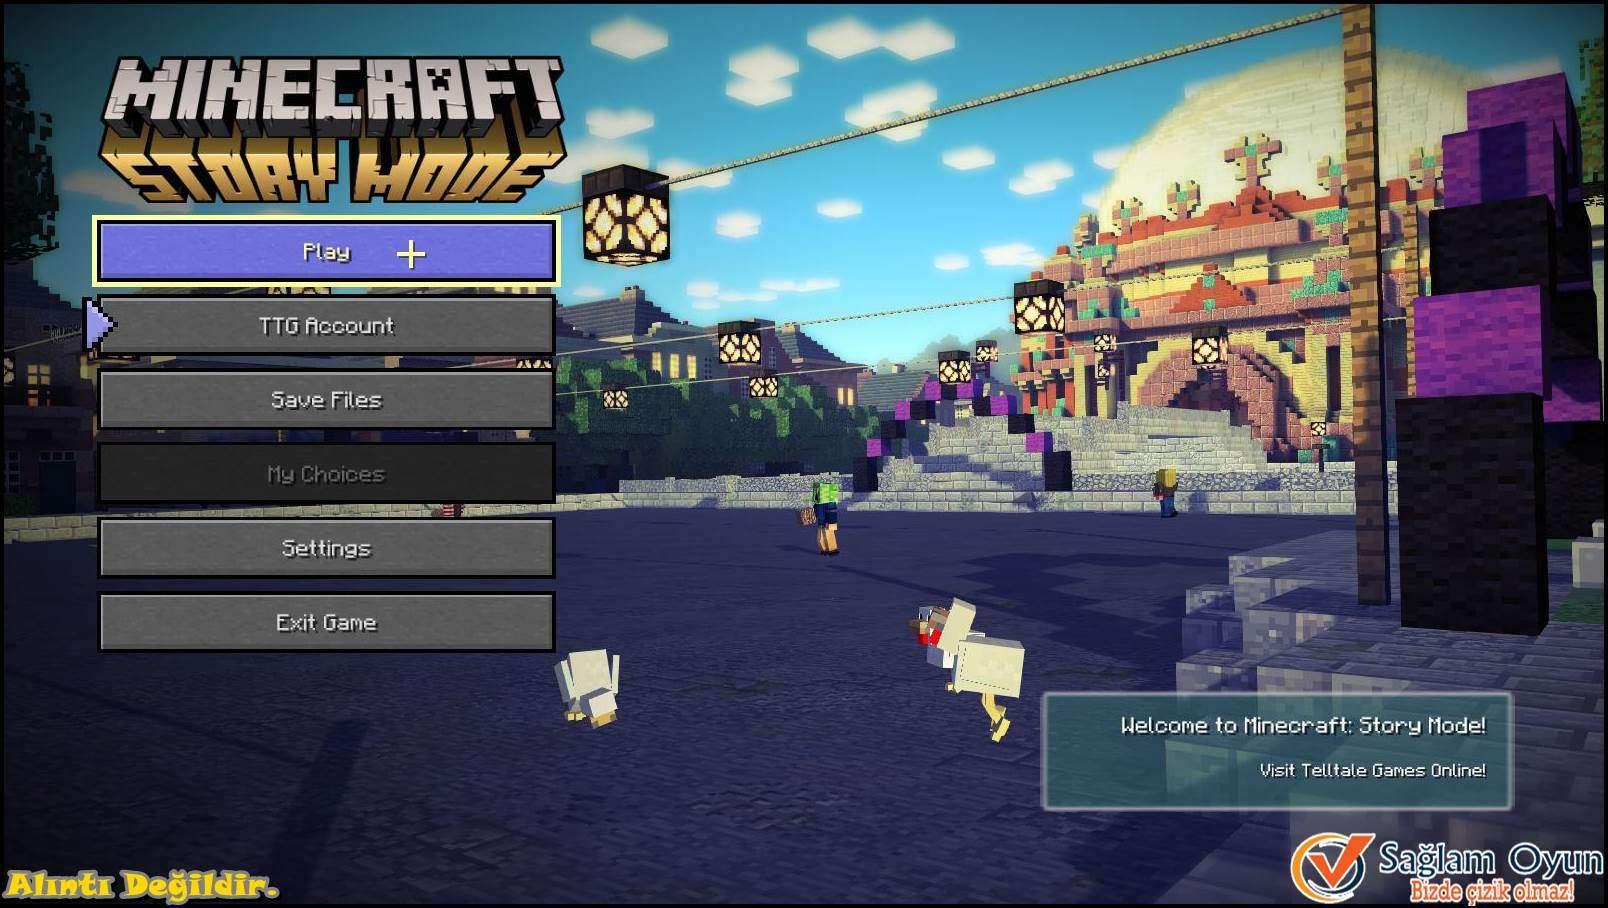 скачать игру бесплатно minecraft store mode